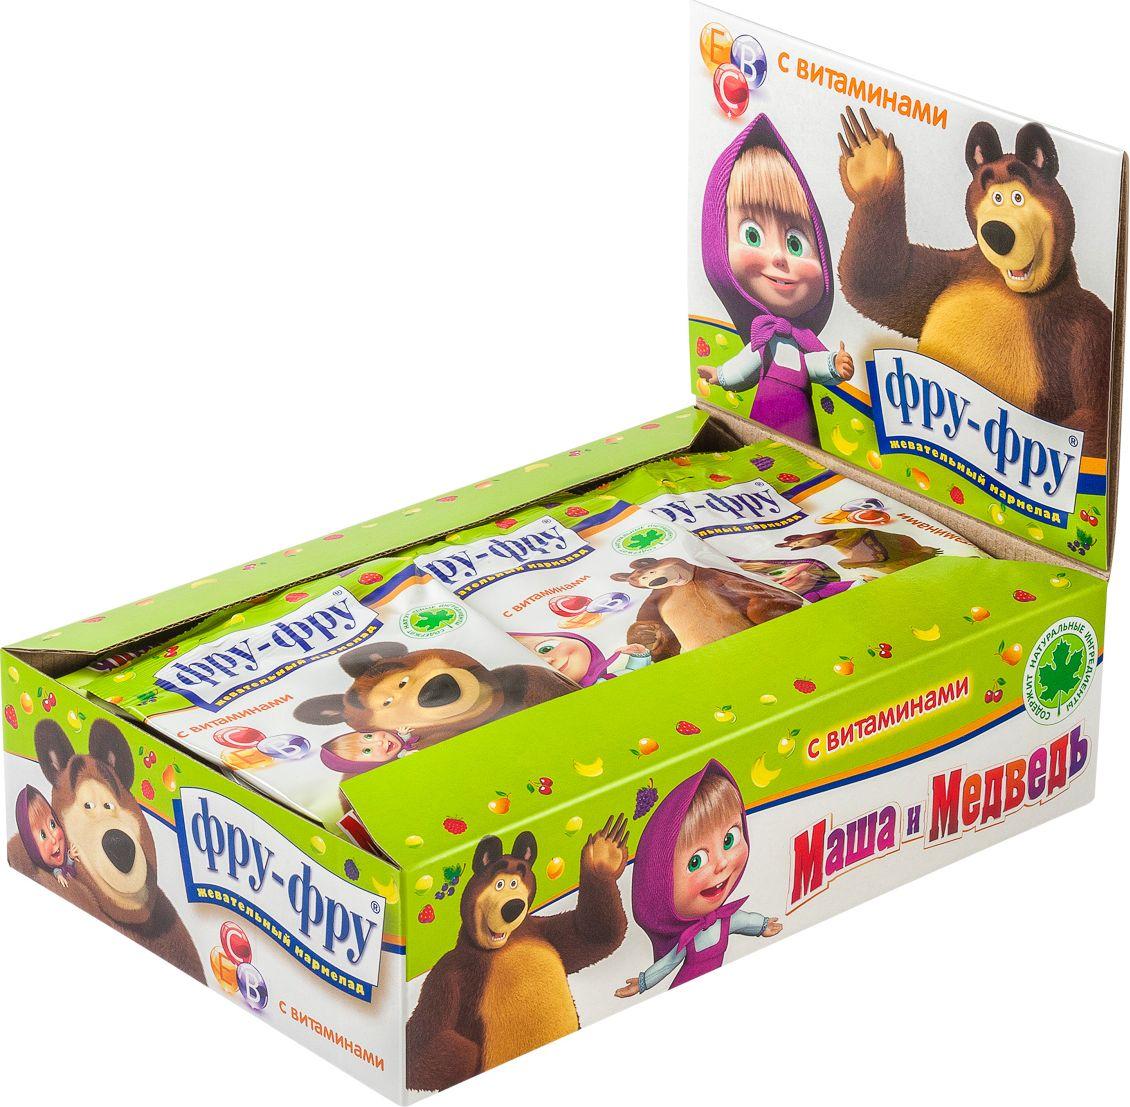 Фру-Фру Маша и Медведь Азбука мармелад жевательный с витаминами, 720 г (24 шт) фру фру жевательный мармелад кислые ремни яблоко 85 г